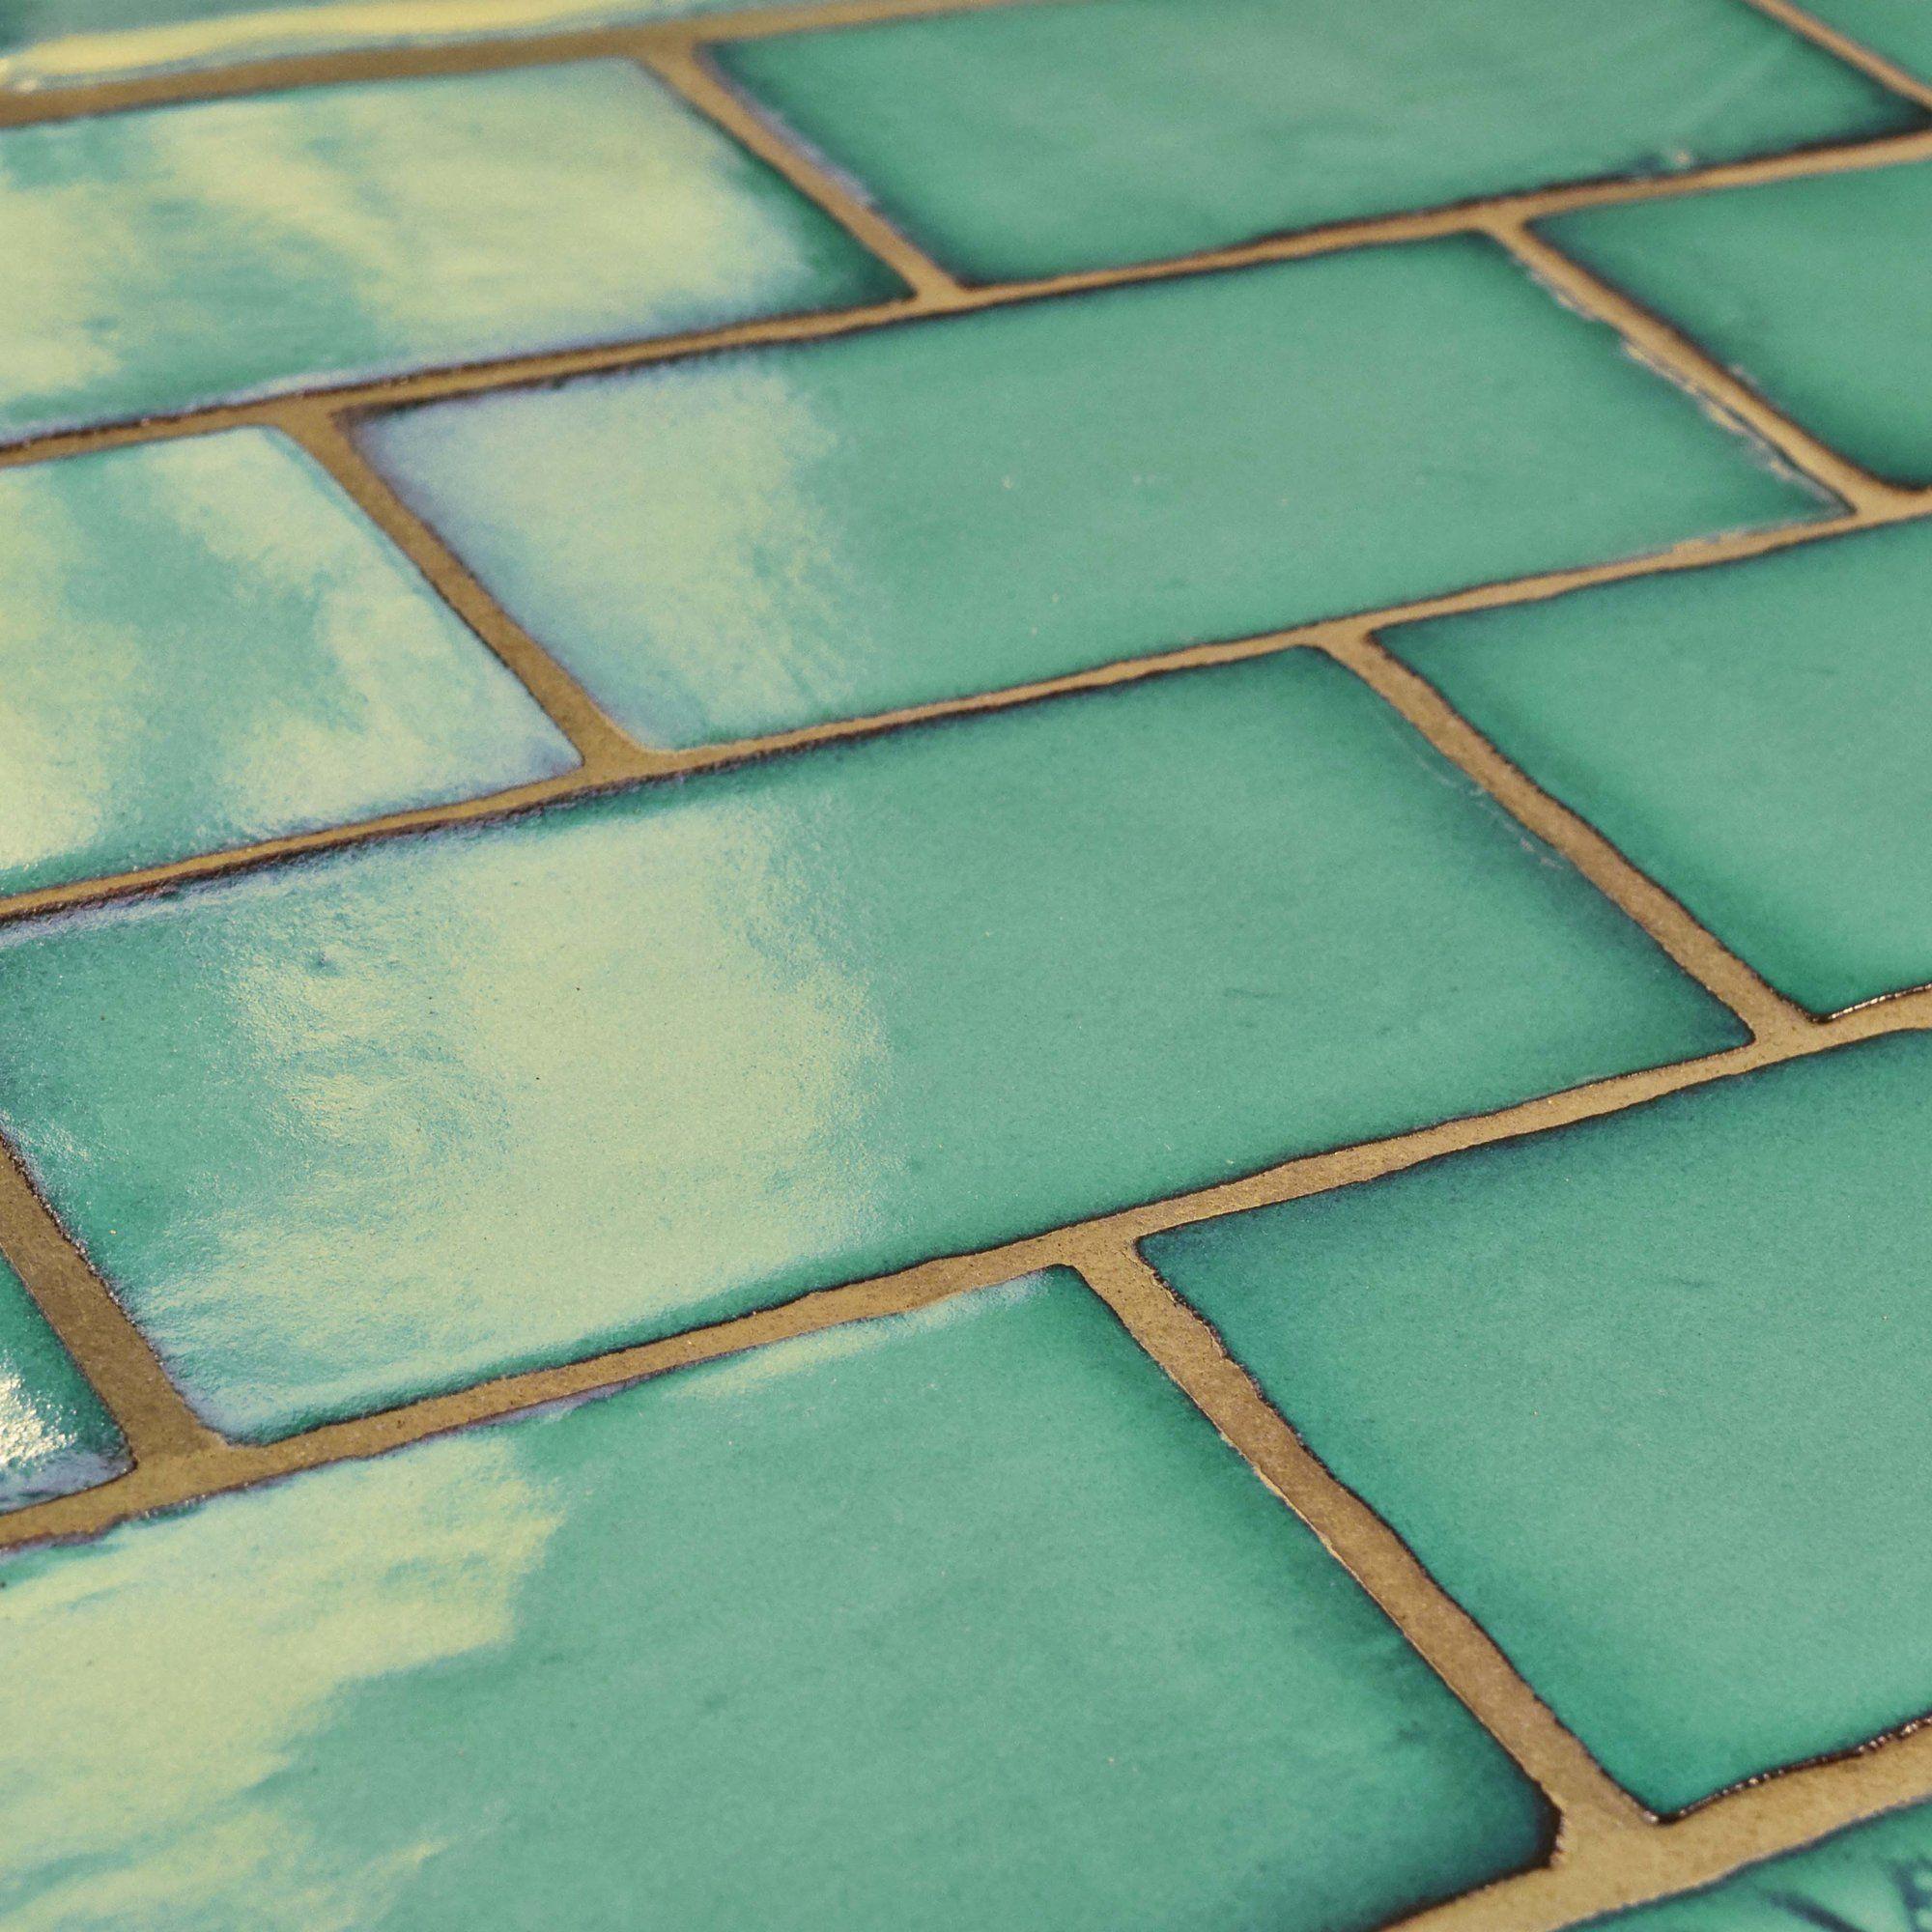 Antiqua Special 3 X 6 Ceramic Subway Tile Ceramic Subway Tile Wall Tiles Ceramic Wall Tiles